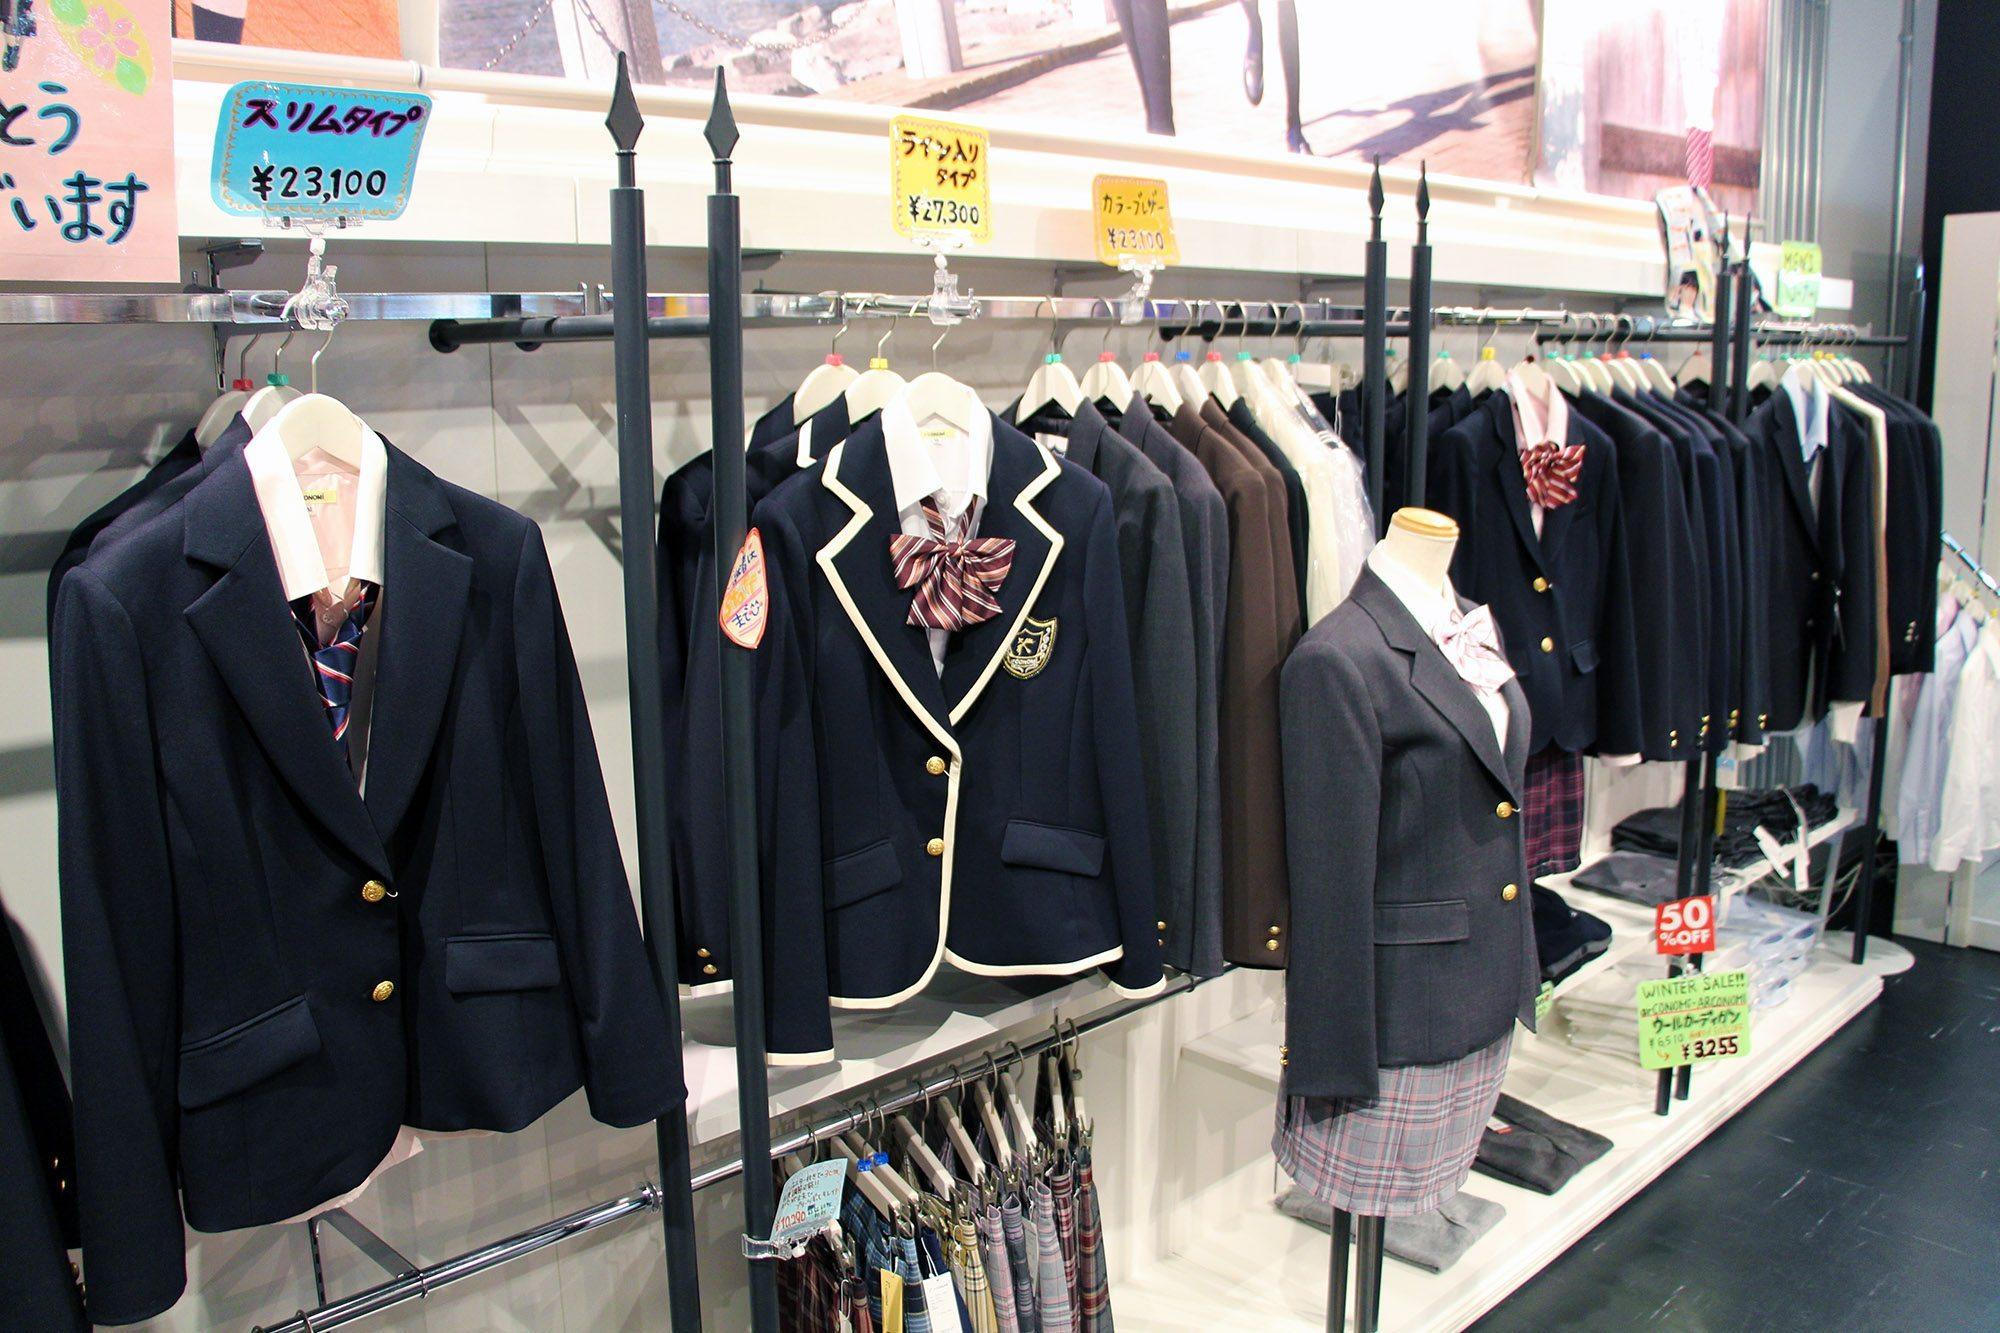 Habillez vous comme au lyc e japonais gr ce la marque - Argument contre le port de l uniforme ...